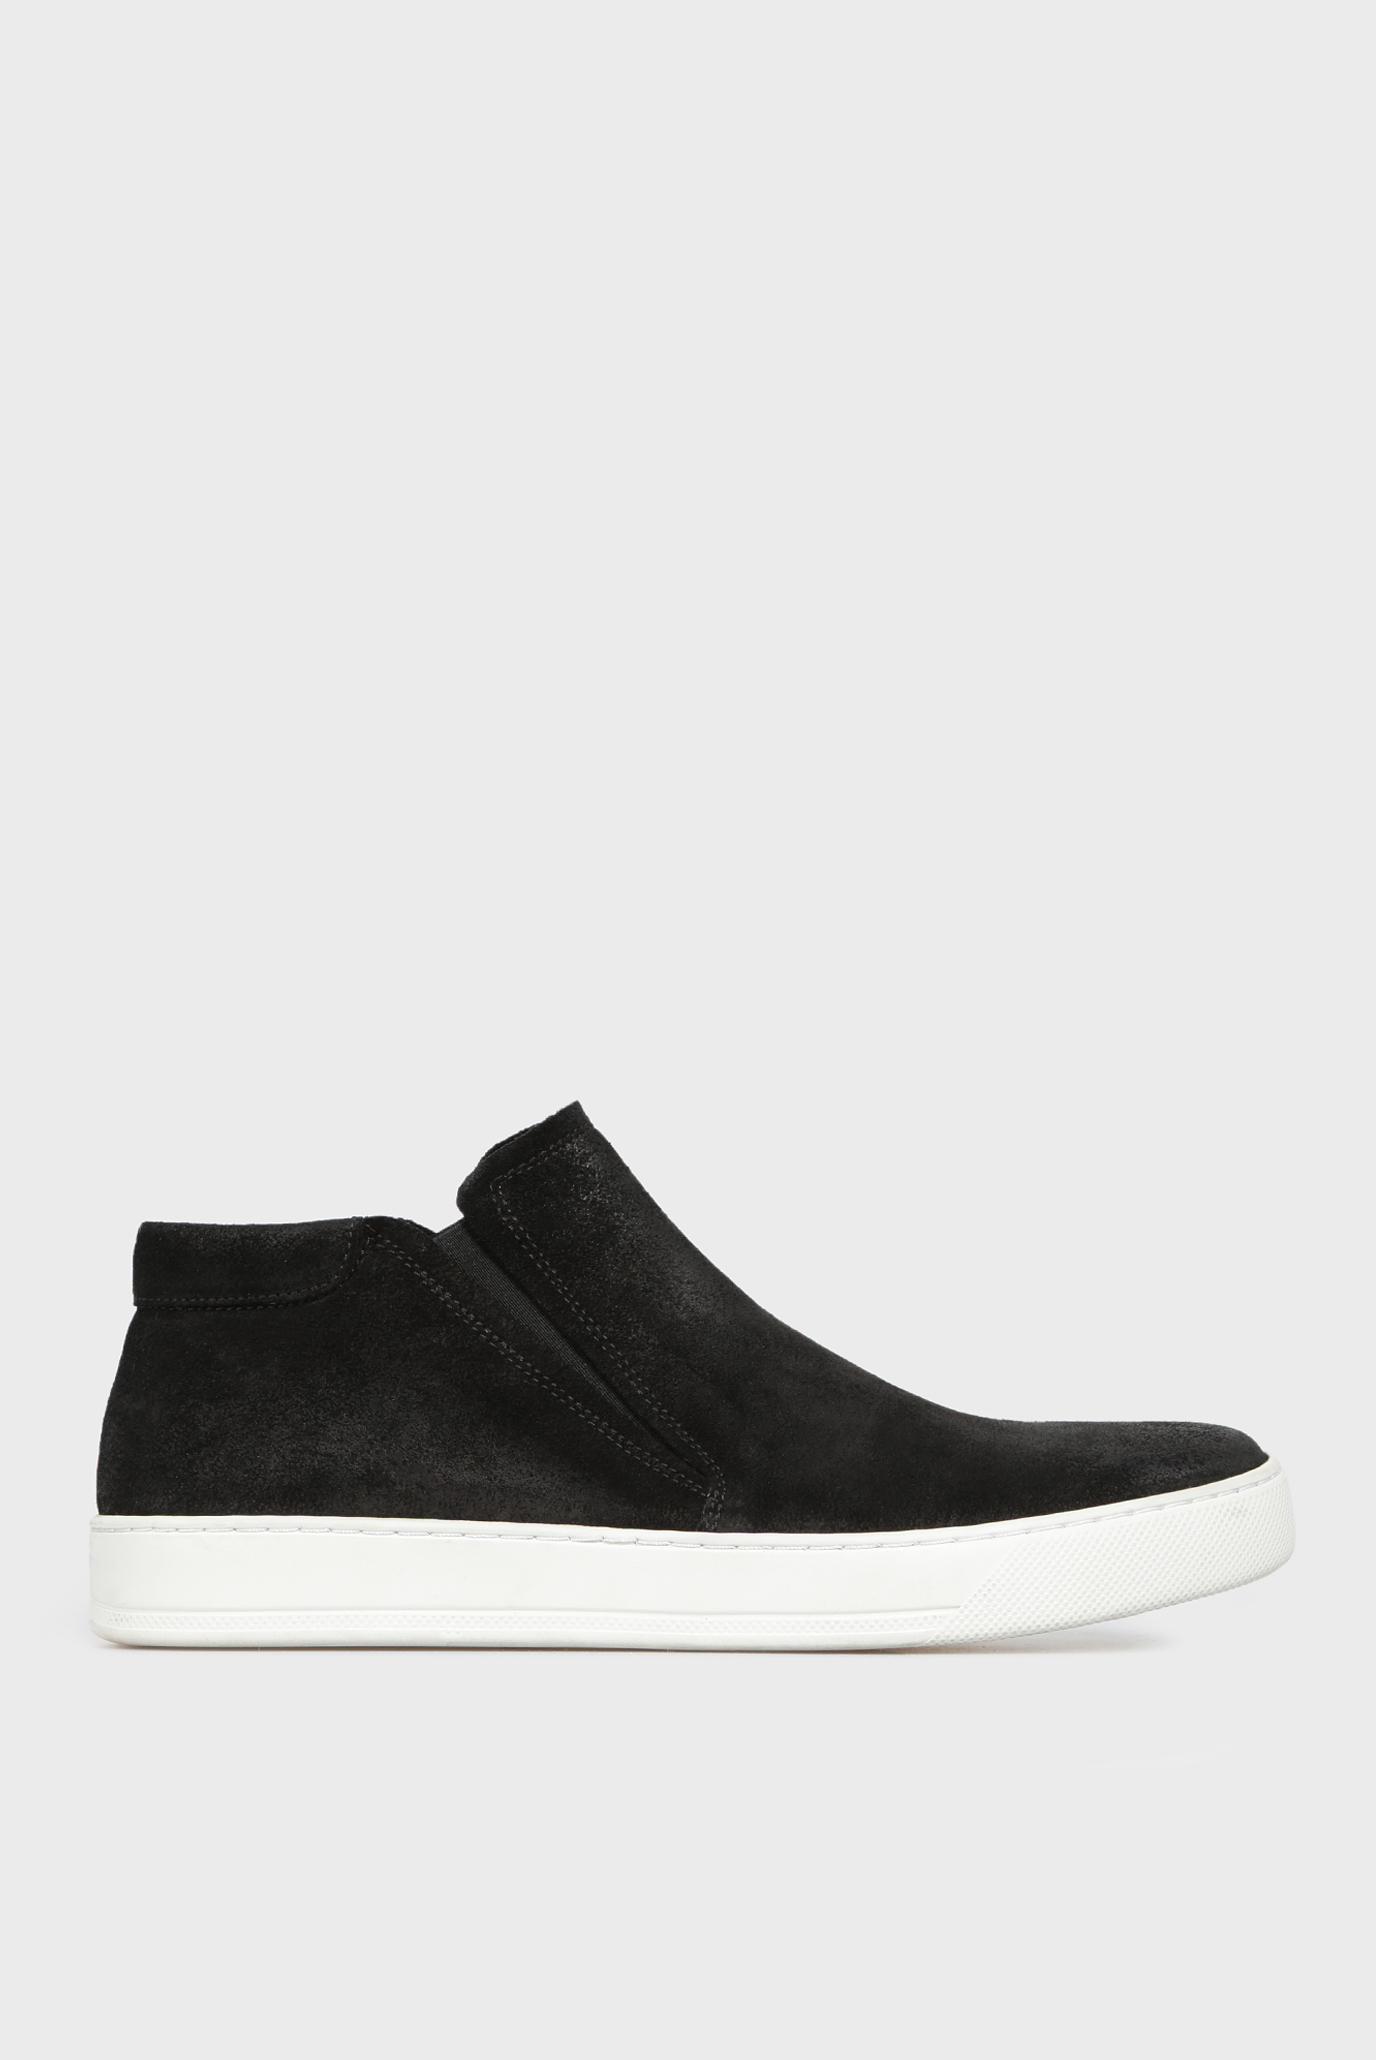 Купить Мужские черные замшевые ботинки Kenneth Cole Kenneth Cole SMF6SU004 – Киев, Украина. Цены в интернет магазине MD Fashion